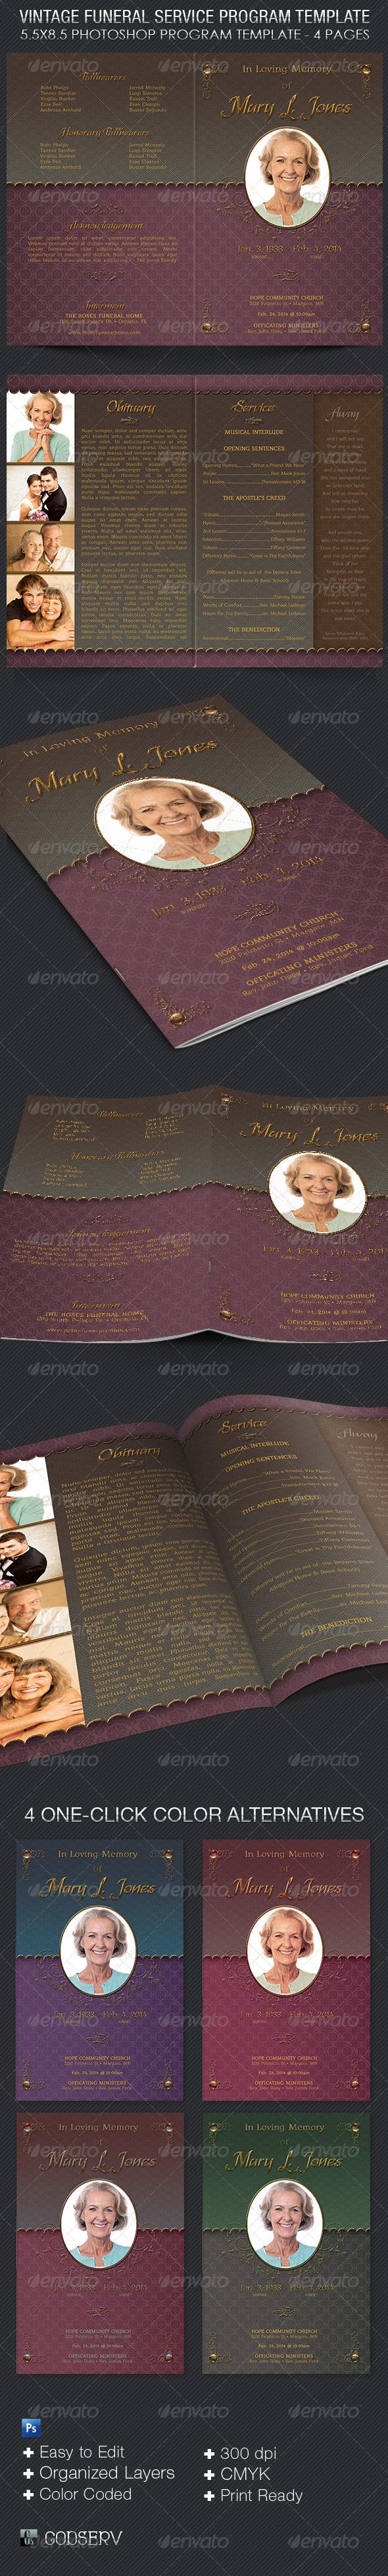 Vintage Funeral Service Program Template - Informational Brochures